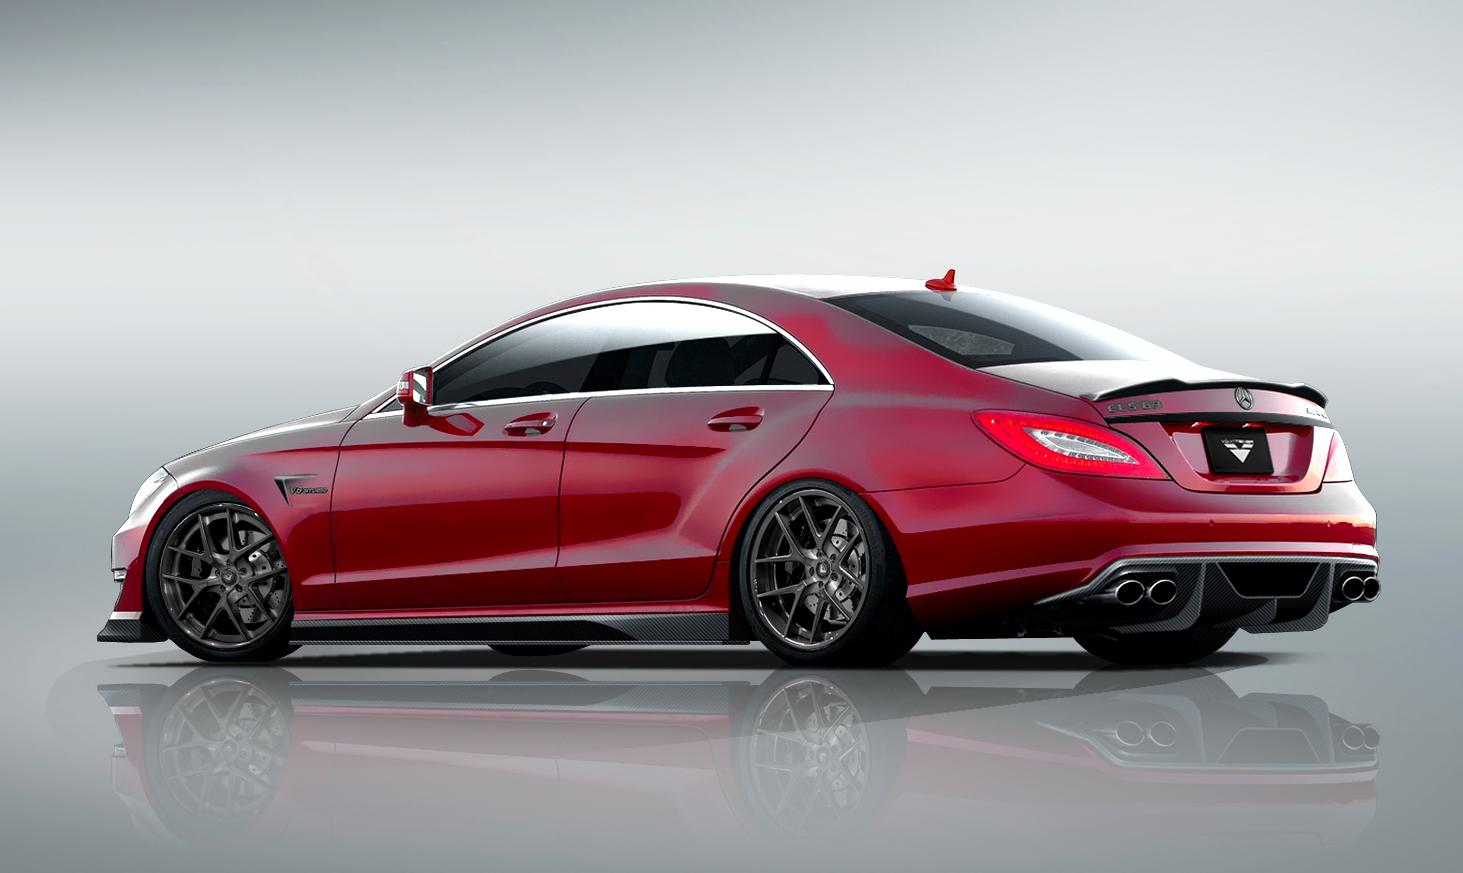 Kit de caroserie vorsteiner pentru mercedes benz cls 63 amg for Mercedes benz car care kit